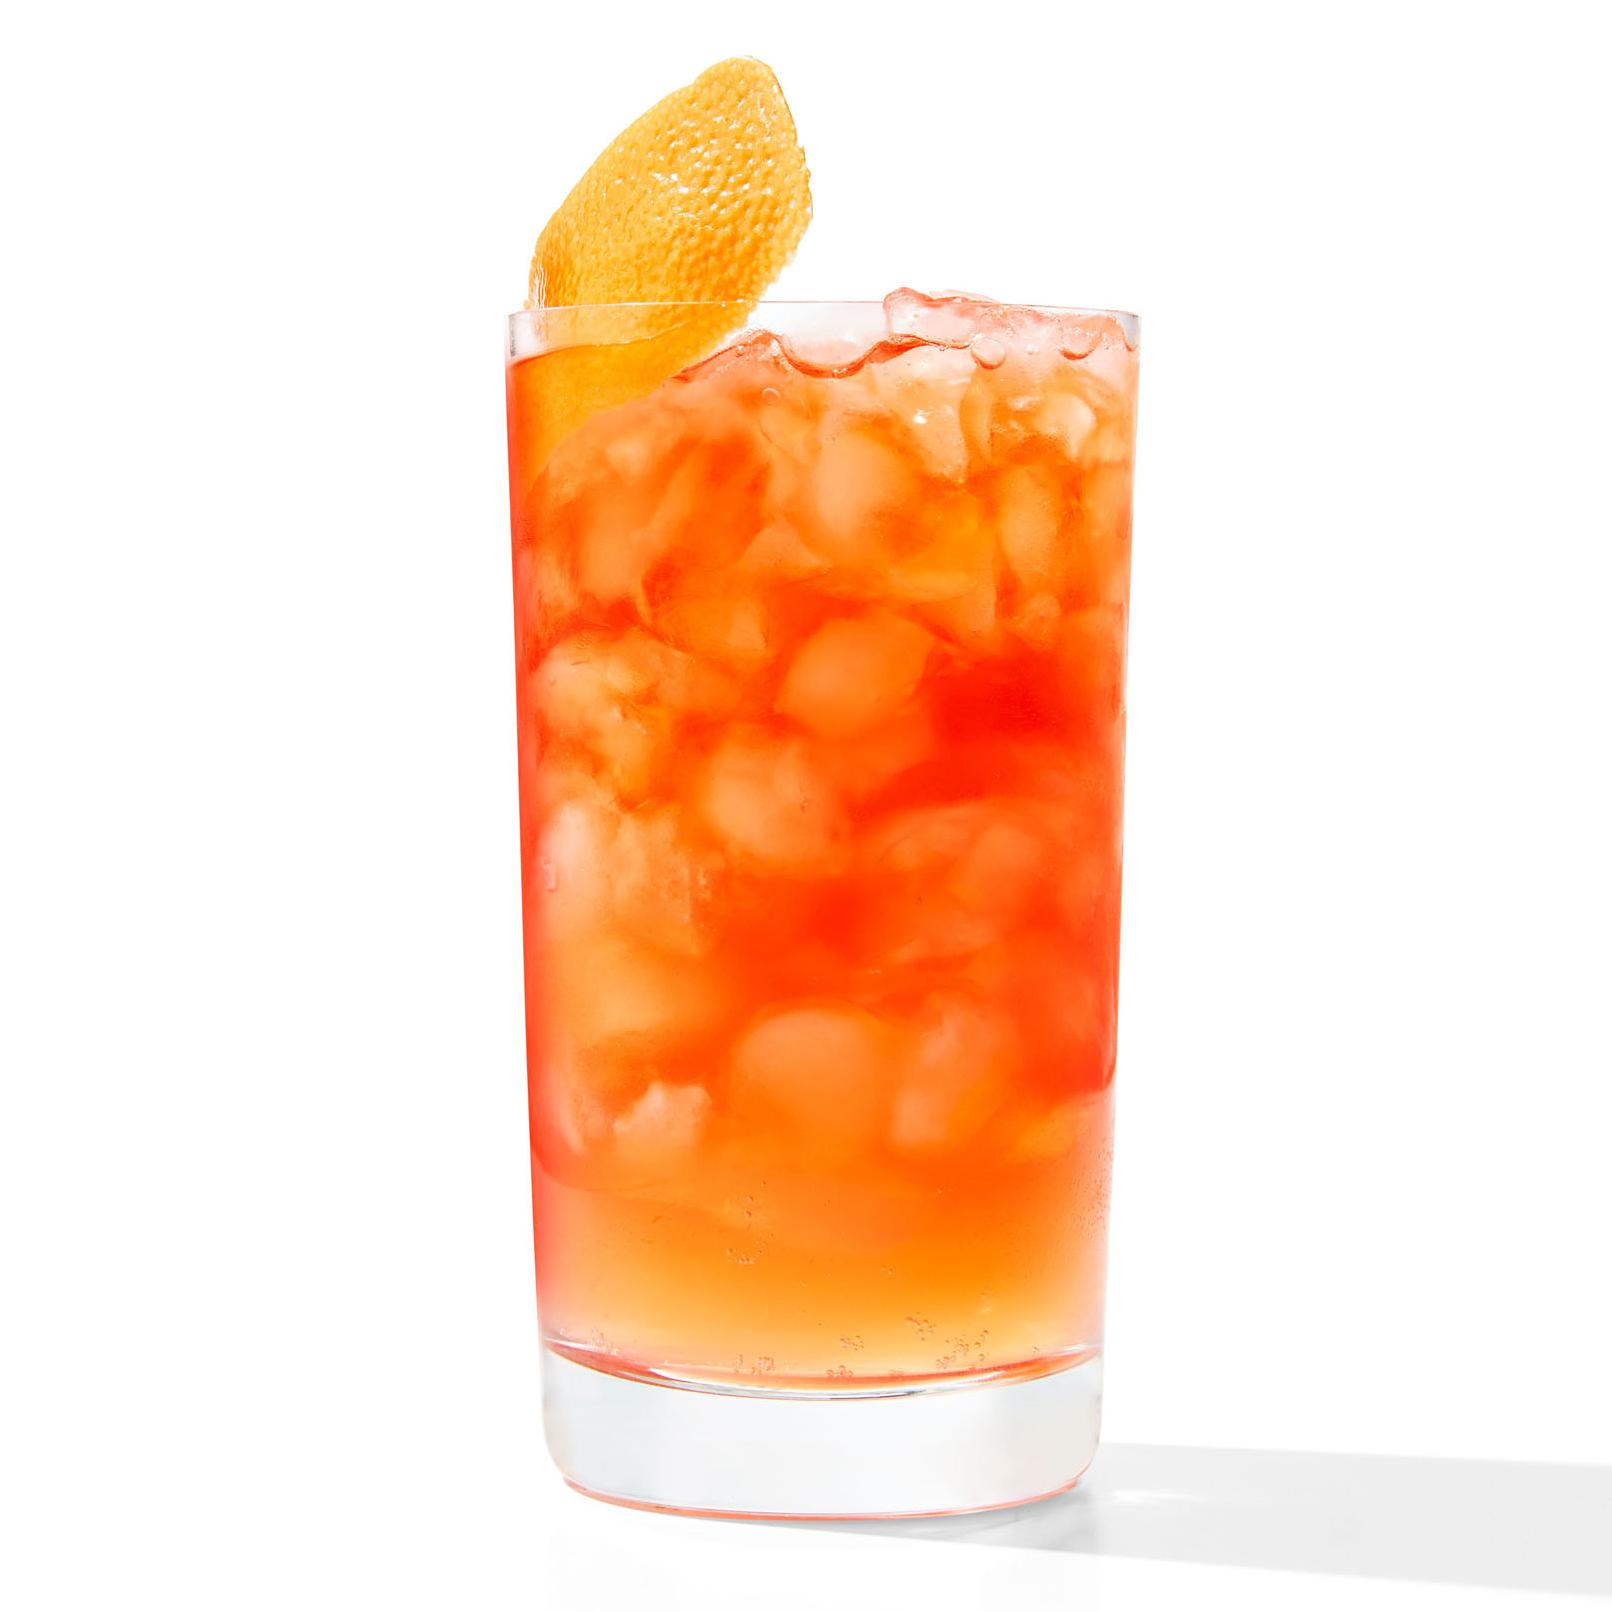 PineappleGrapefruit Spritz